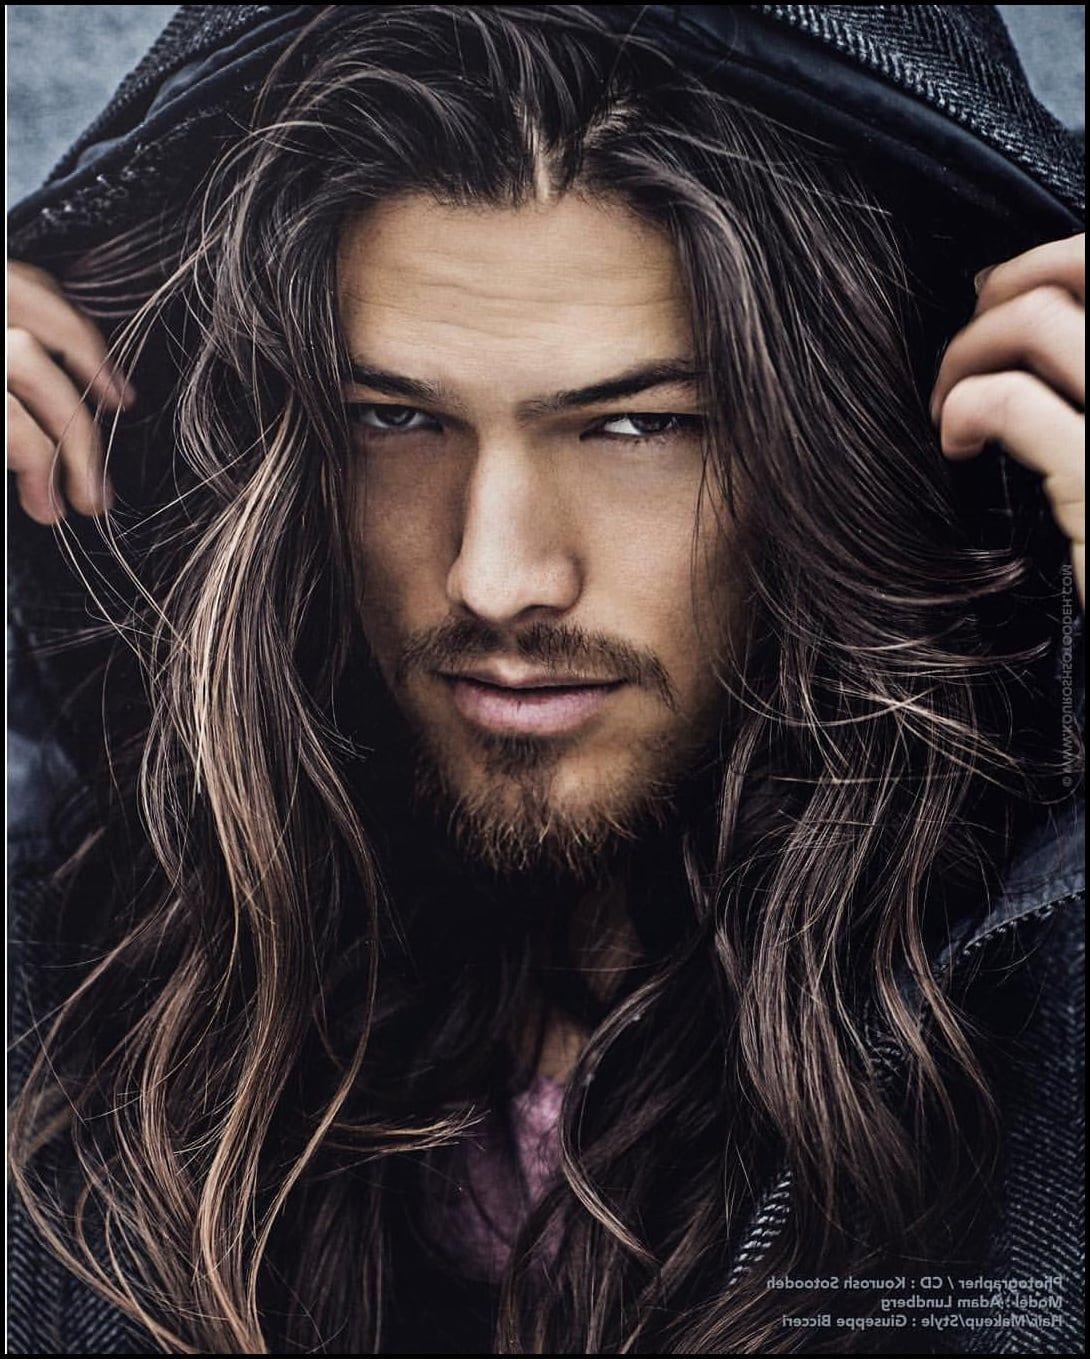 длинные волосы у мужчин фото поздравления днем ракетных